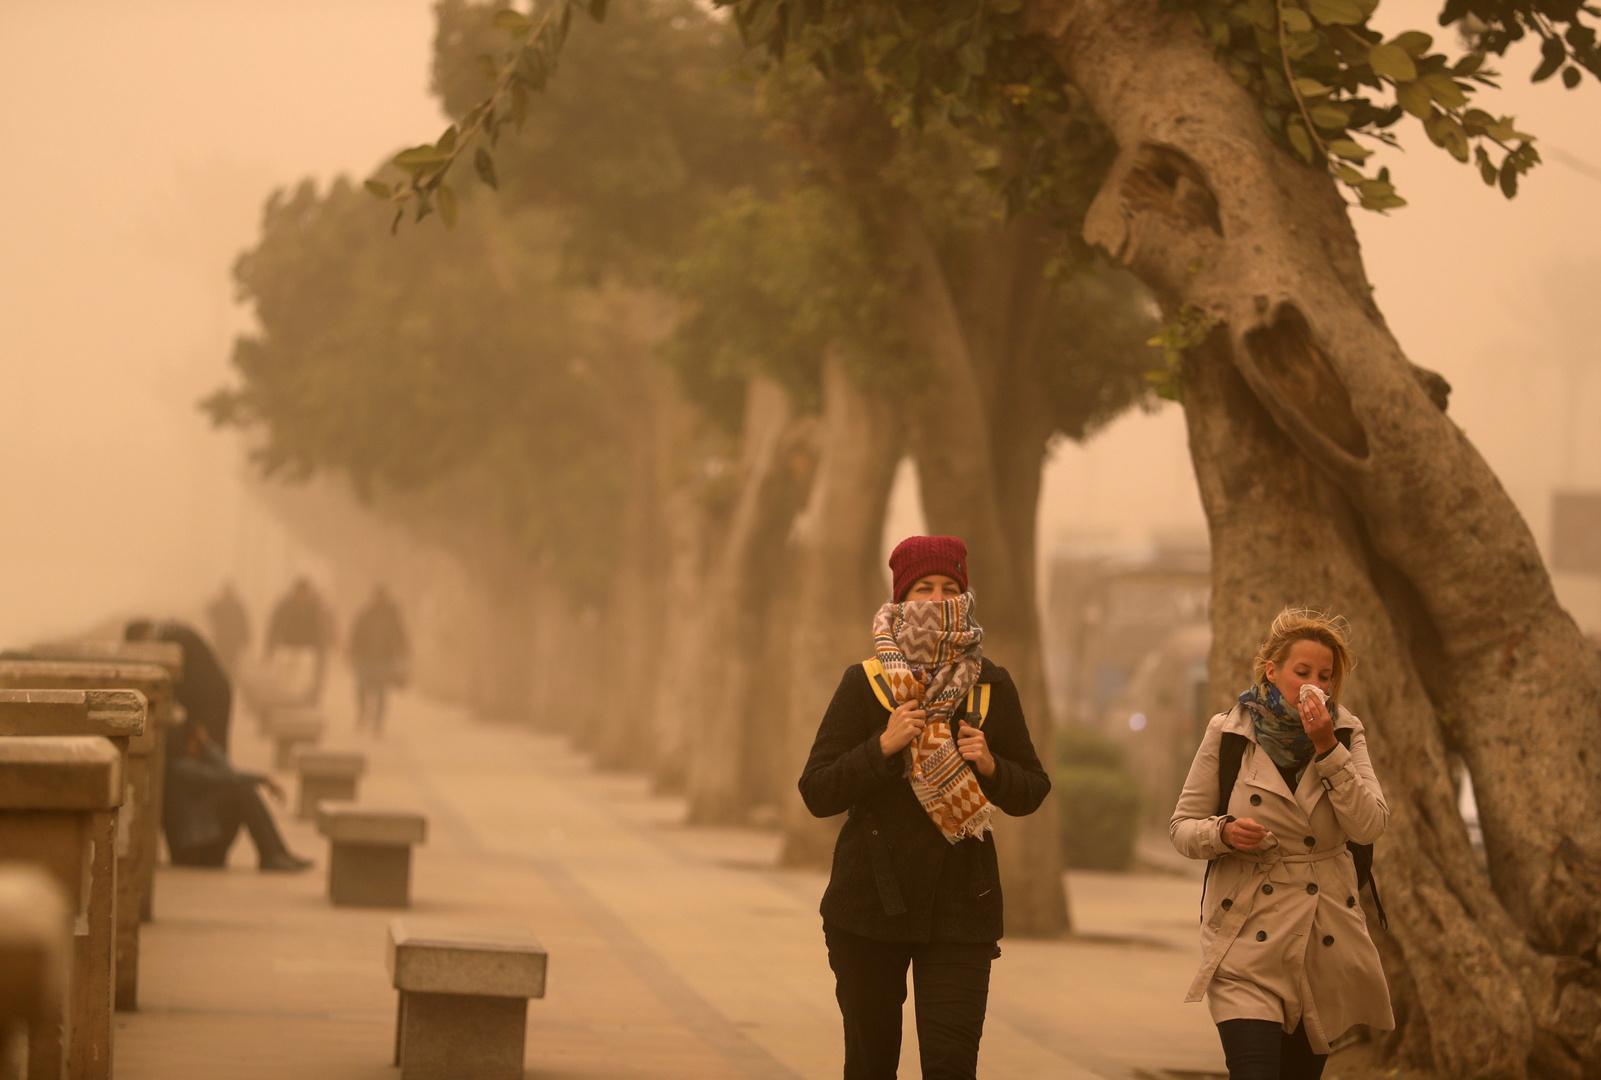 الأرصاد الجوية المصرية تحذر المواطنين من الطقس في البلاد